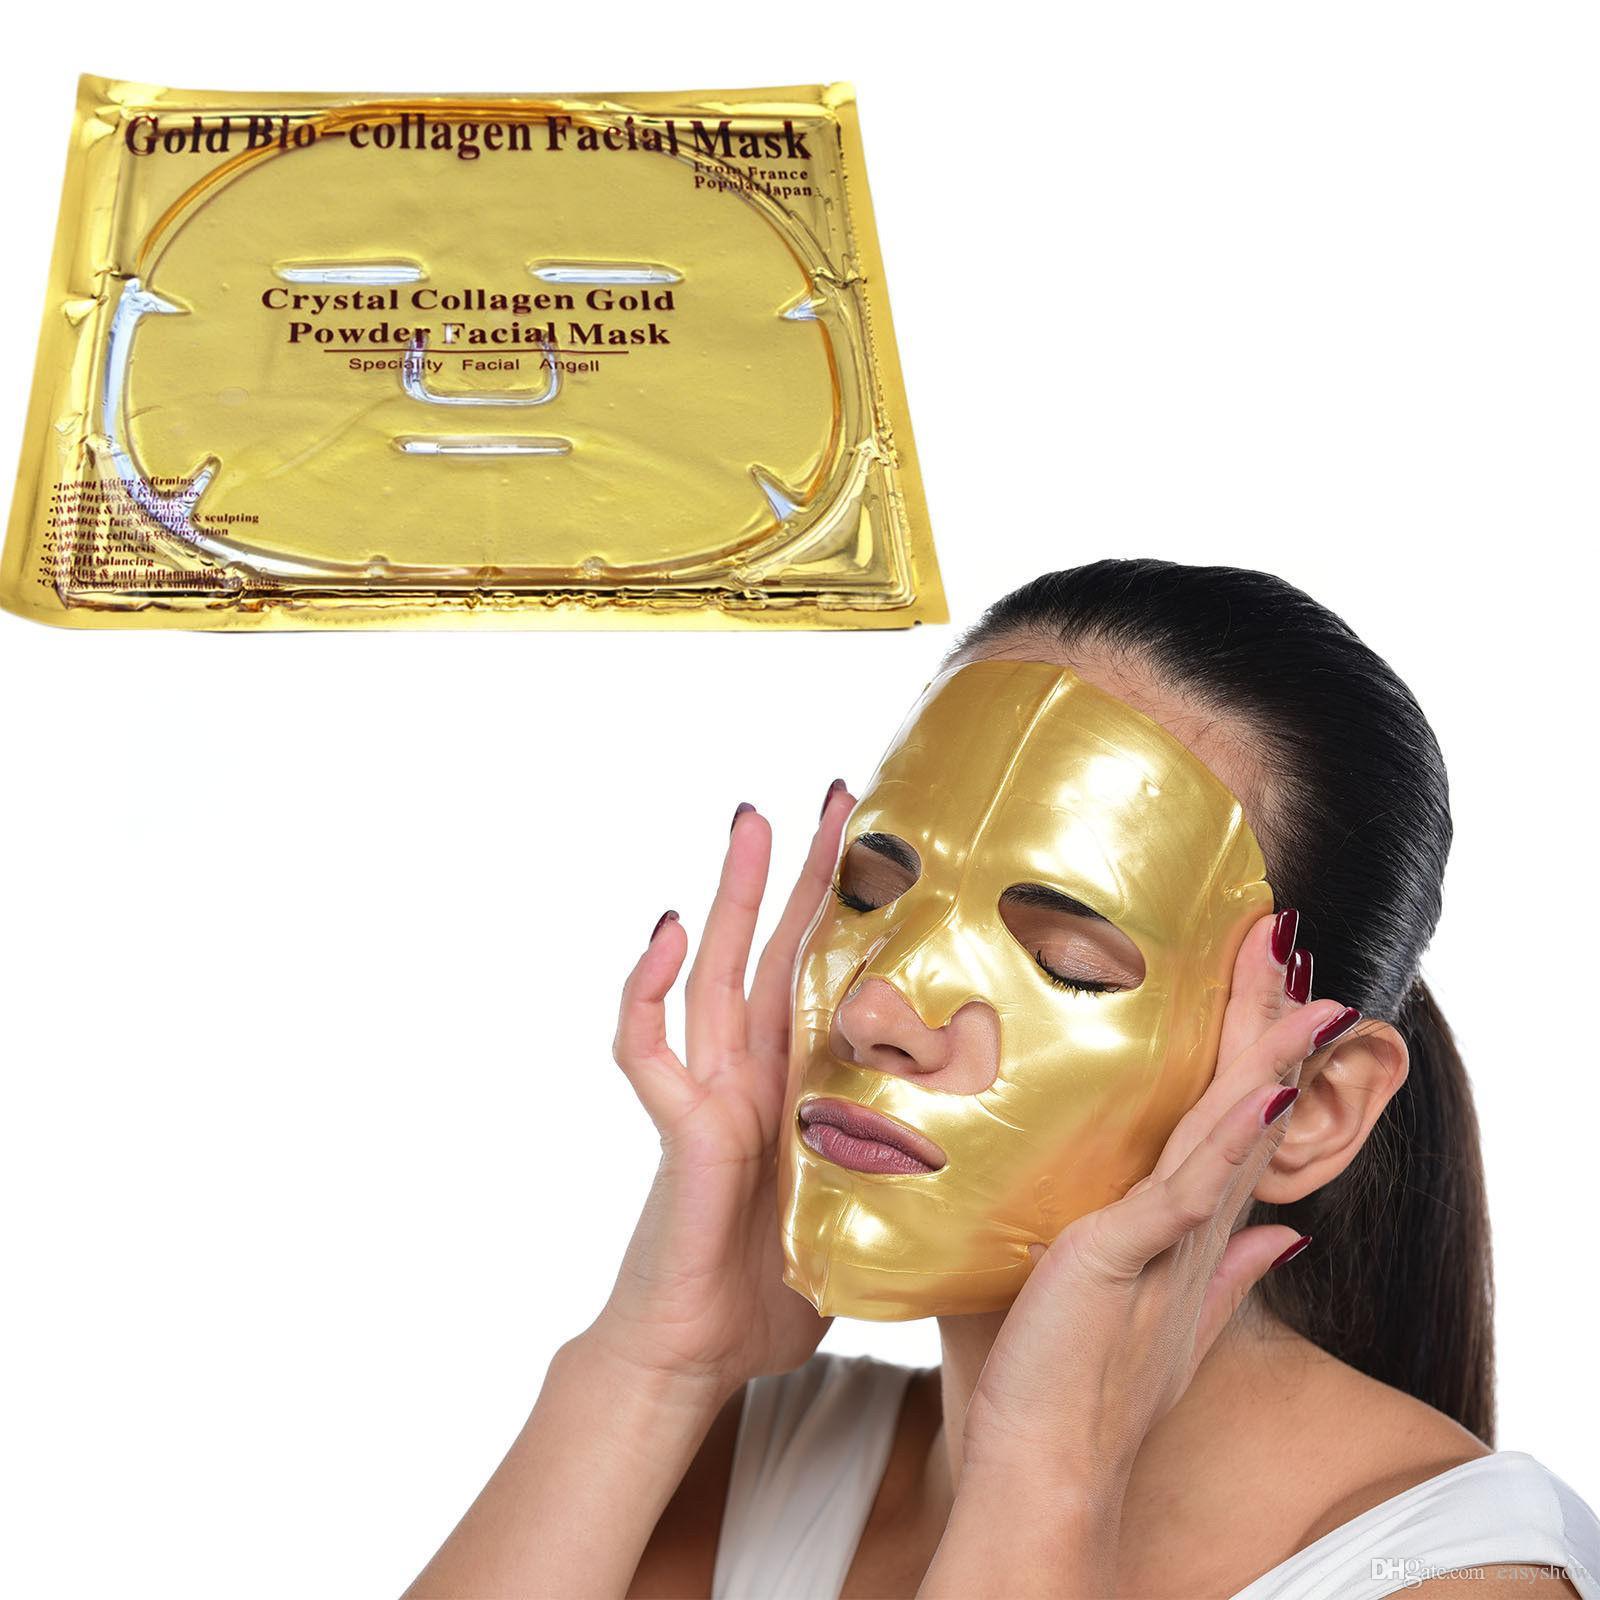 Mascarilla facial al por mayor de bio-colágeno de oro Mascarilla facial Colágeno facial de cristal dorado Mascarilla hidratante Antiedad 24 k Máscaras de oro